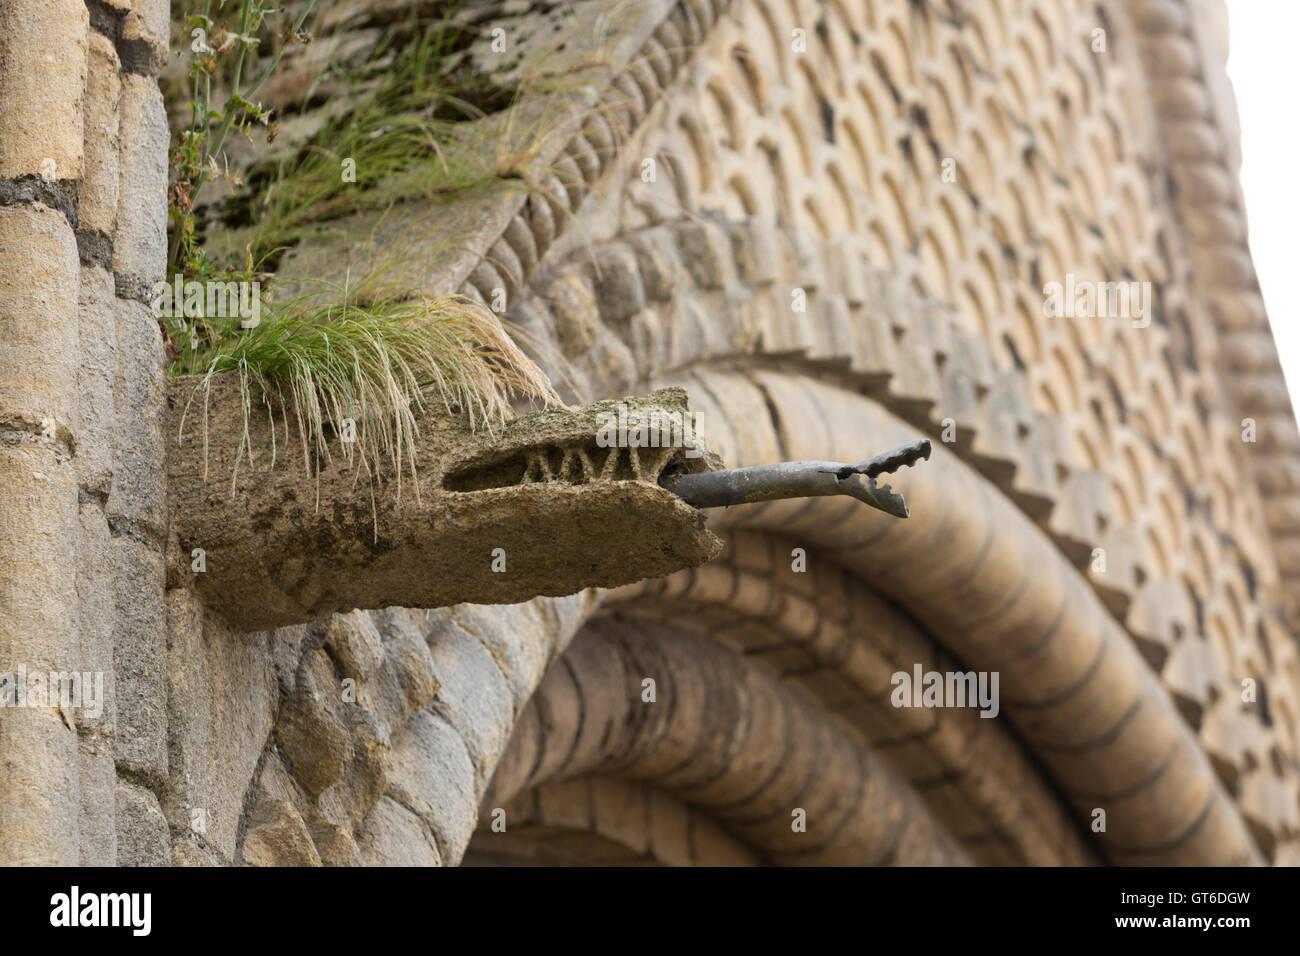 Stone Dragon Stock Photos & Stone Dragon Stock Images - Alamy